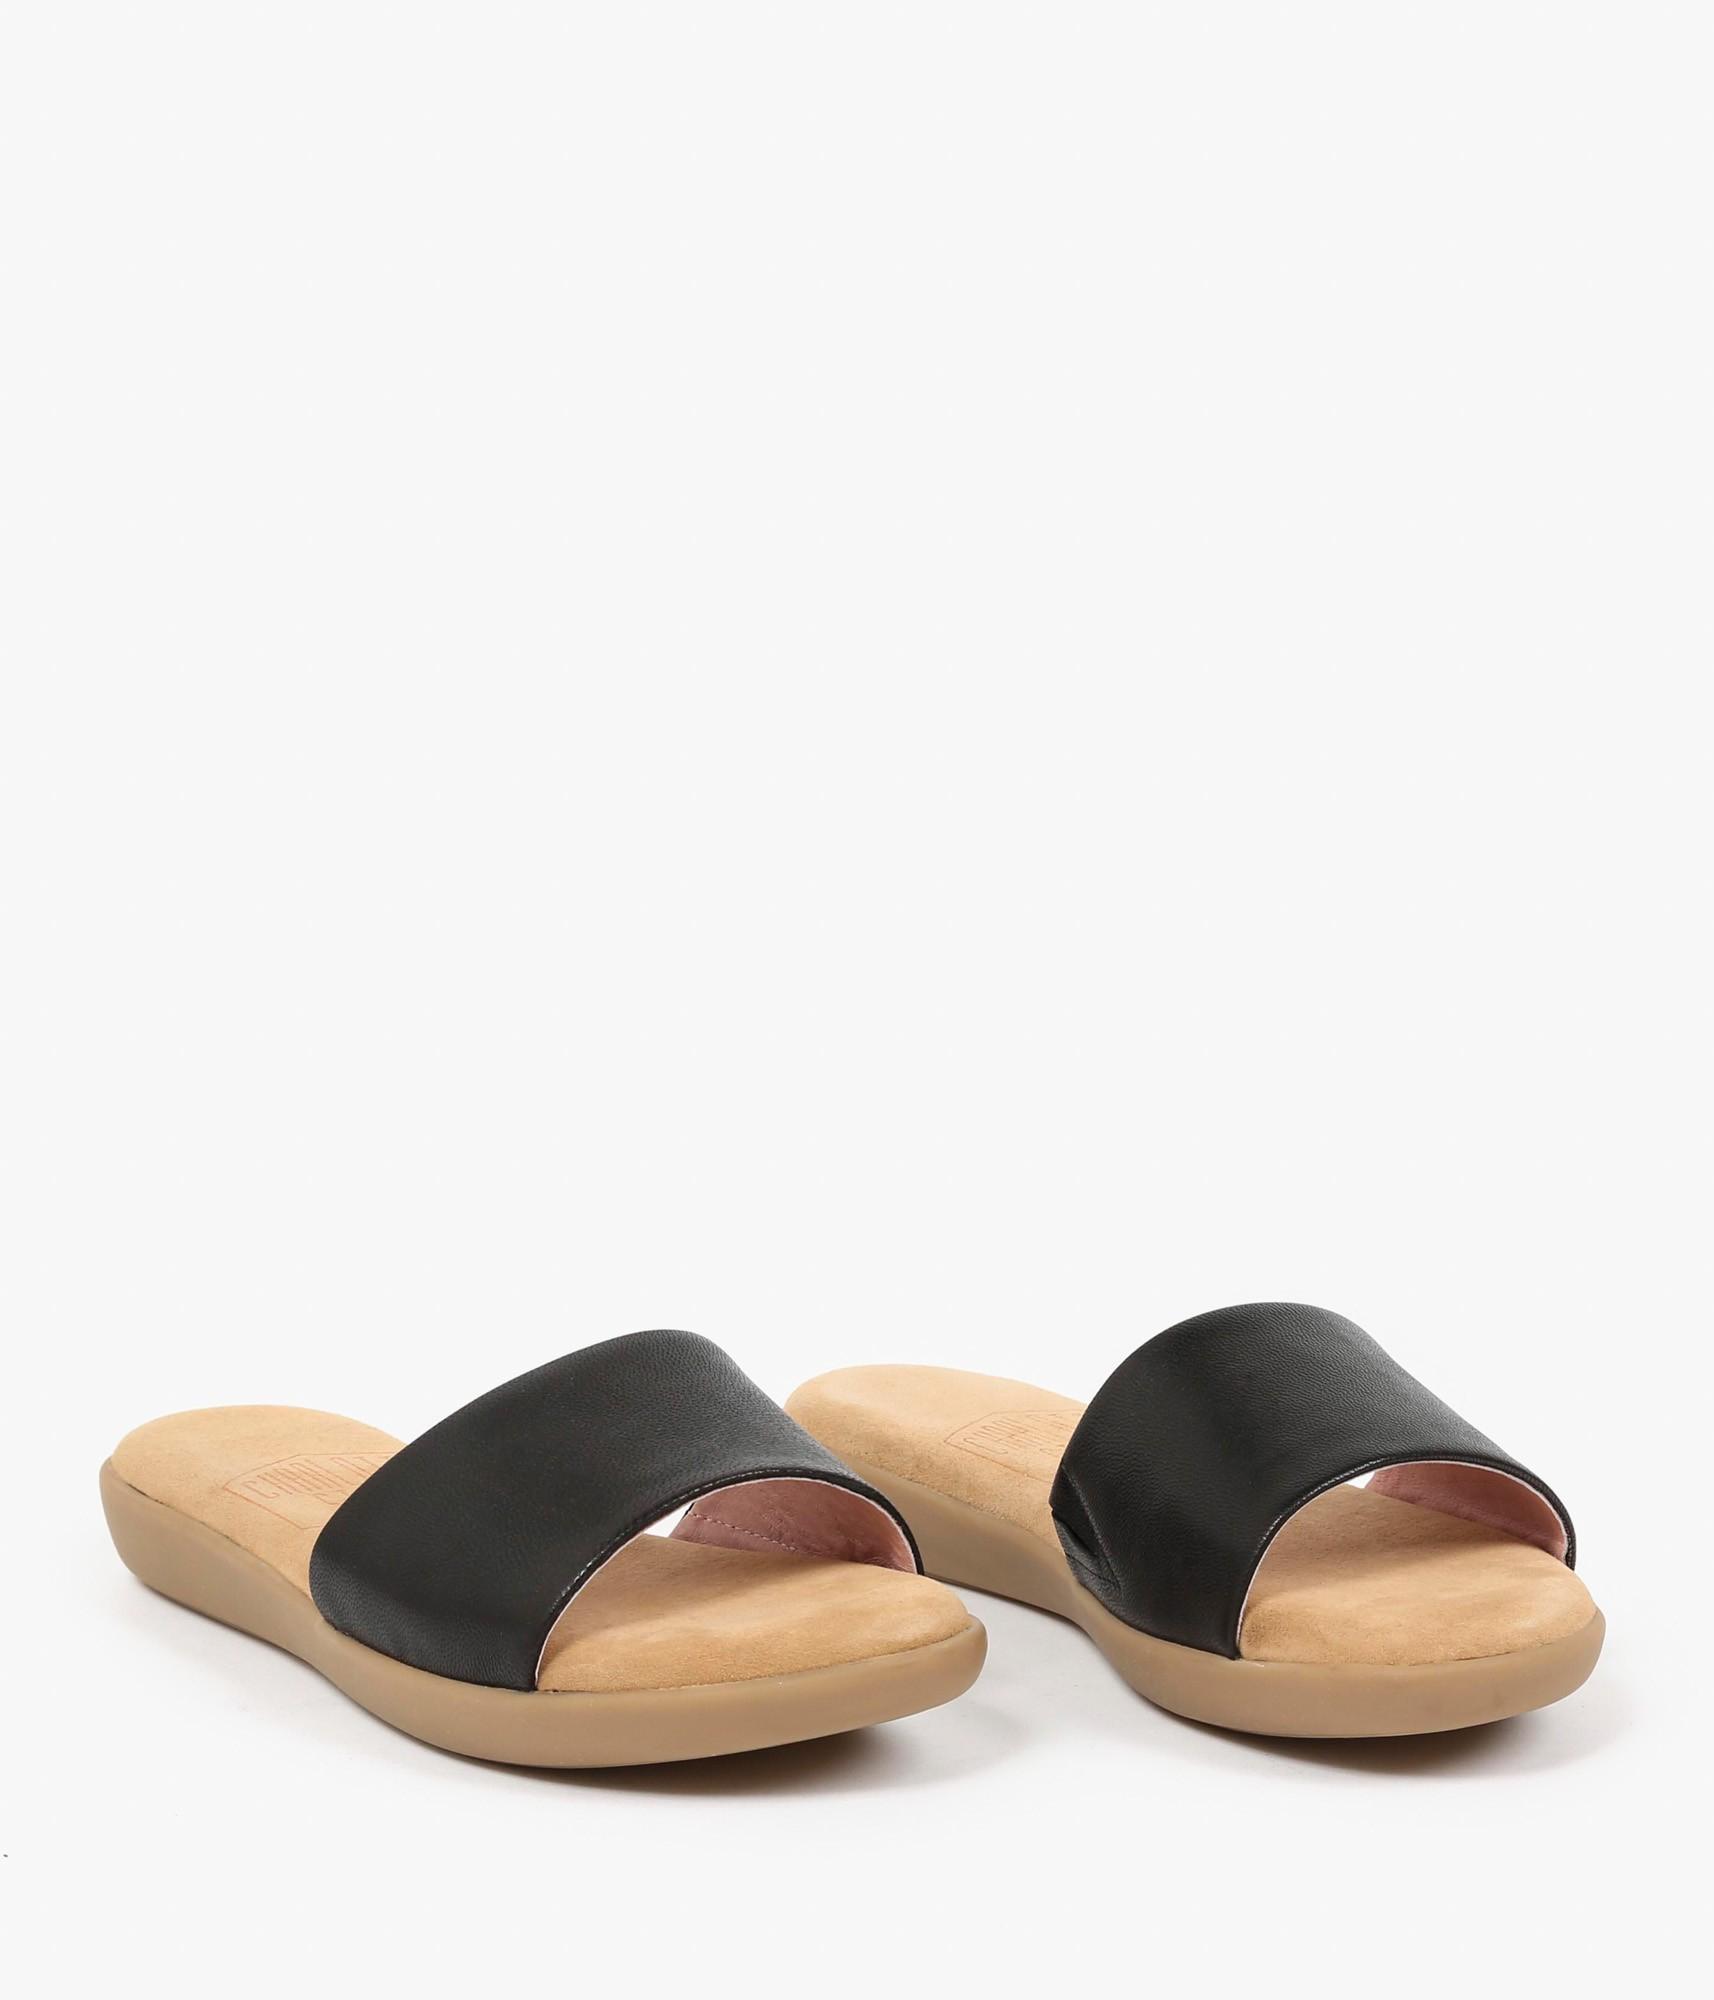 Cara S Boutique Shoes